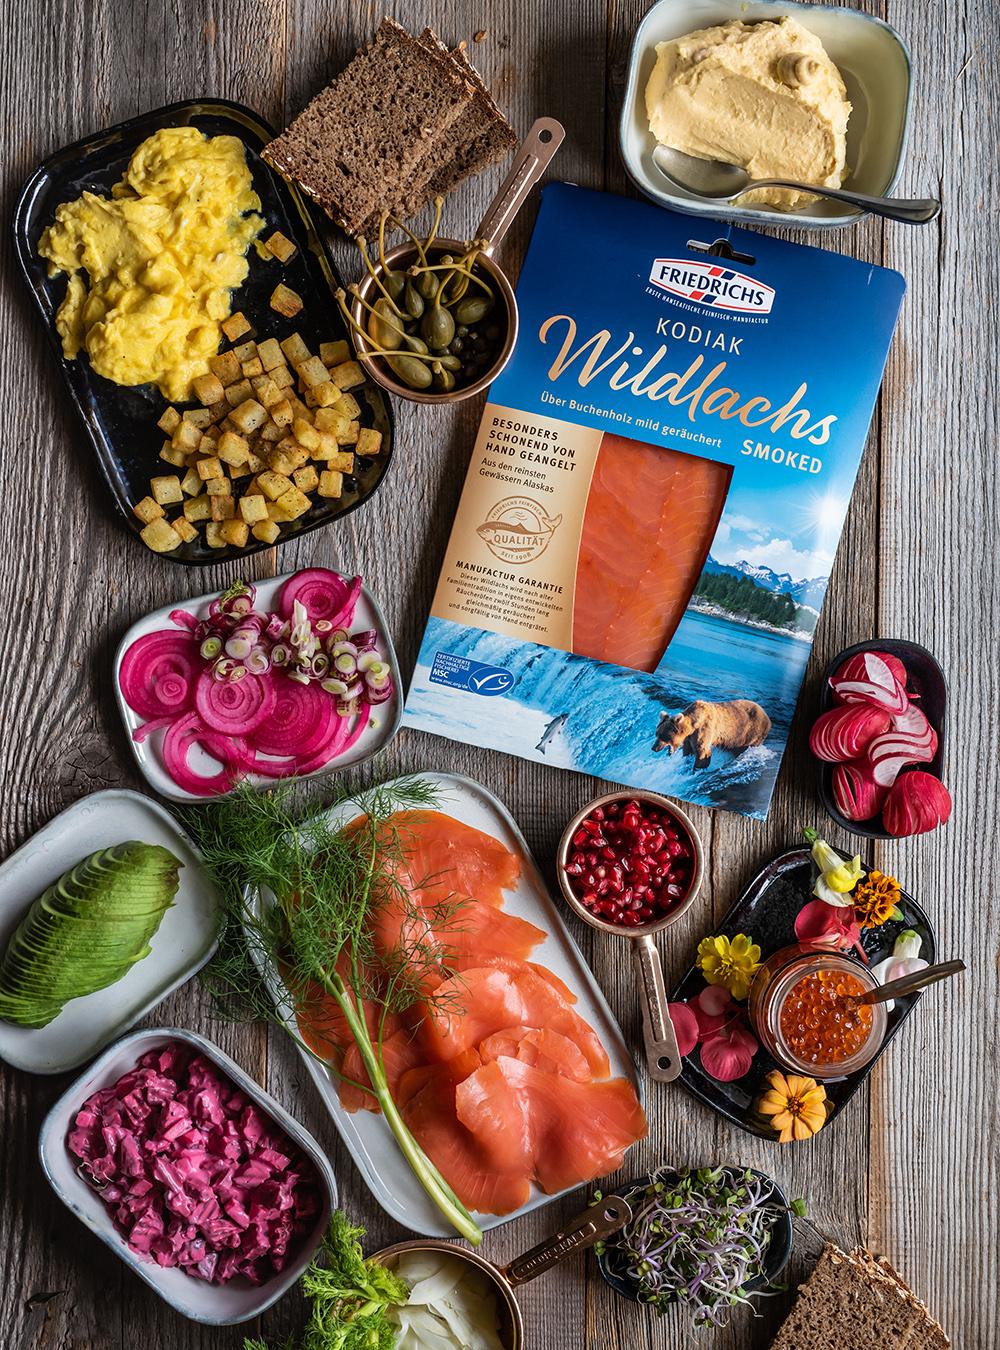 Smørrebrød Variationen mit Wildlachs